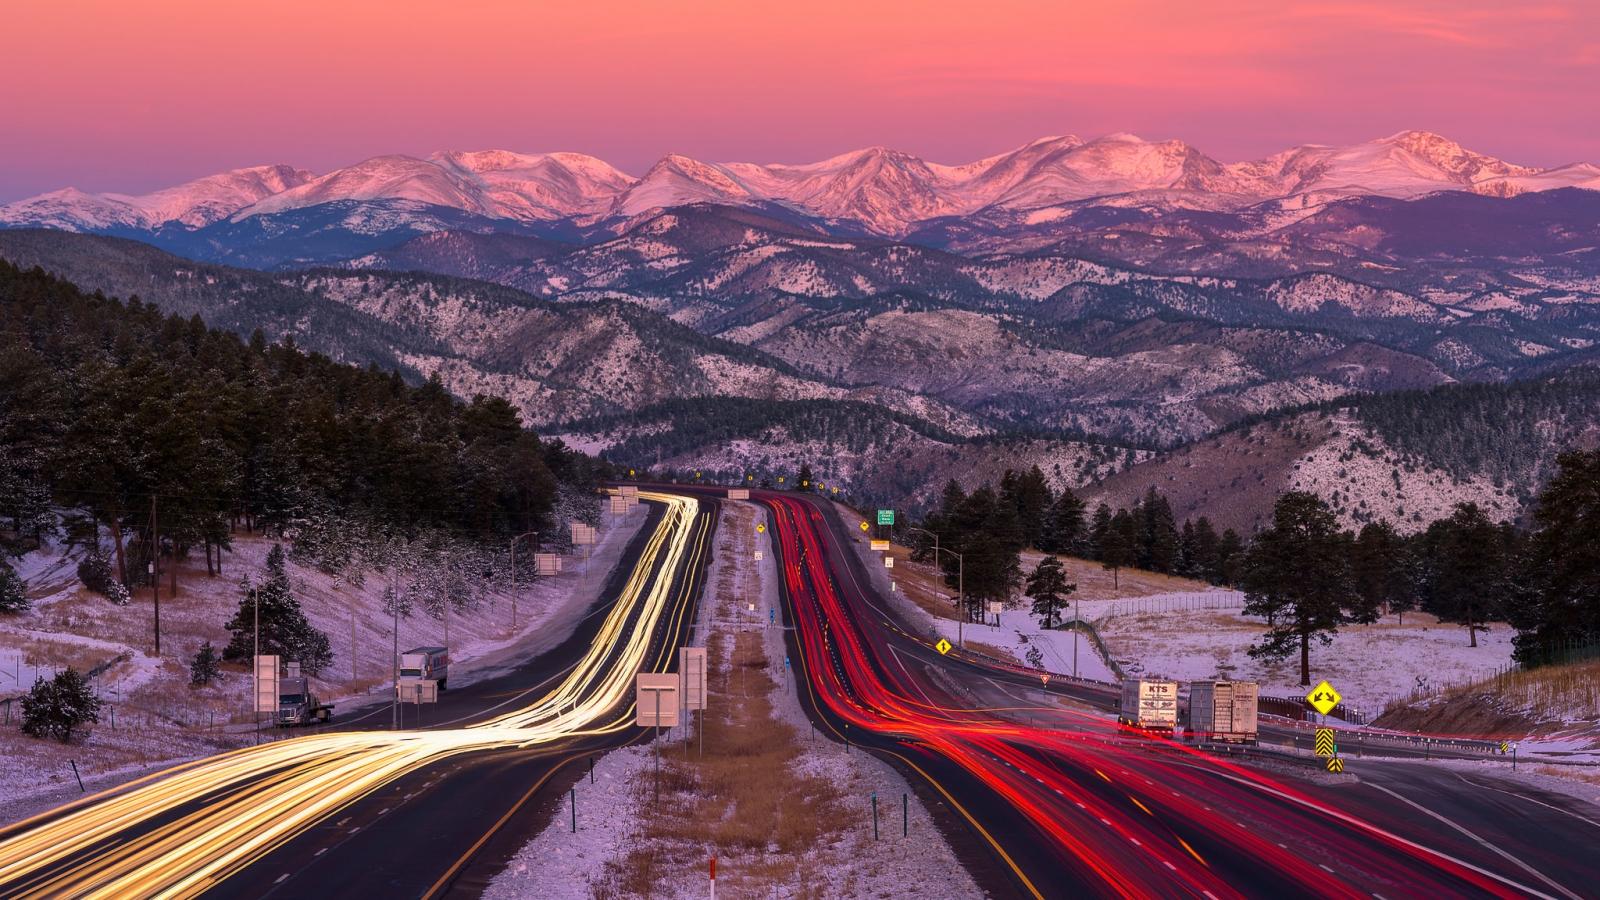 Una bella fotografía en una carretera - 1600x900